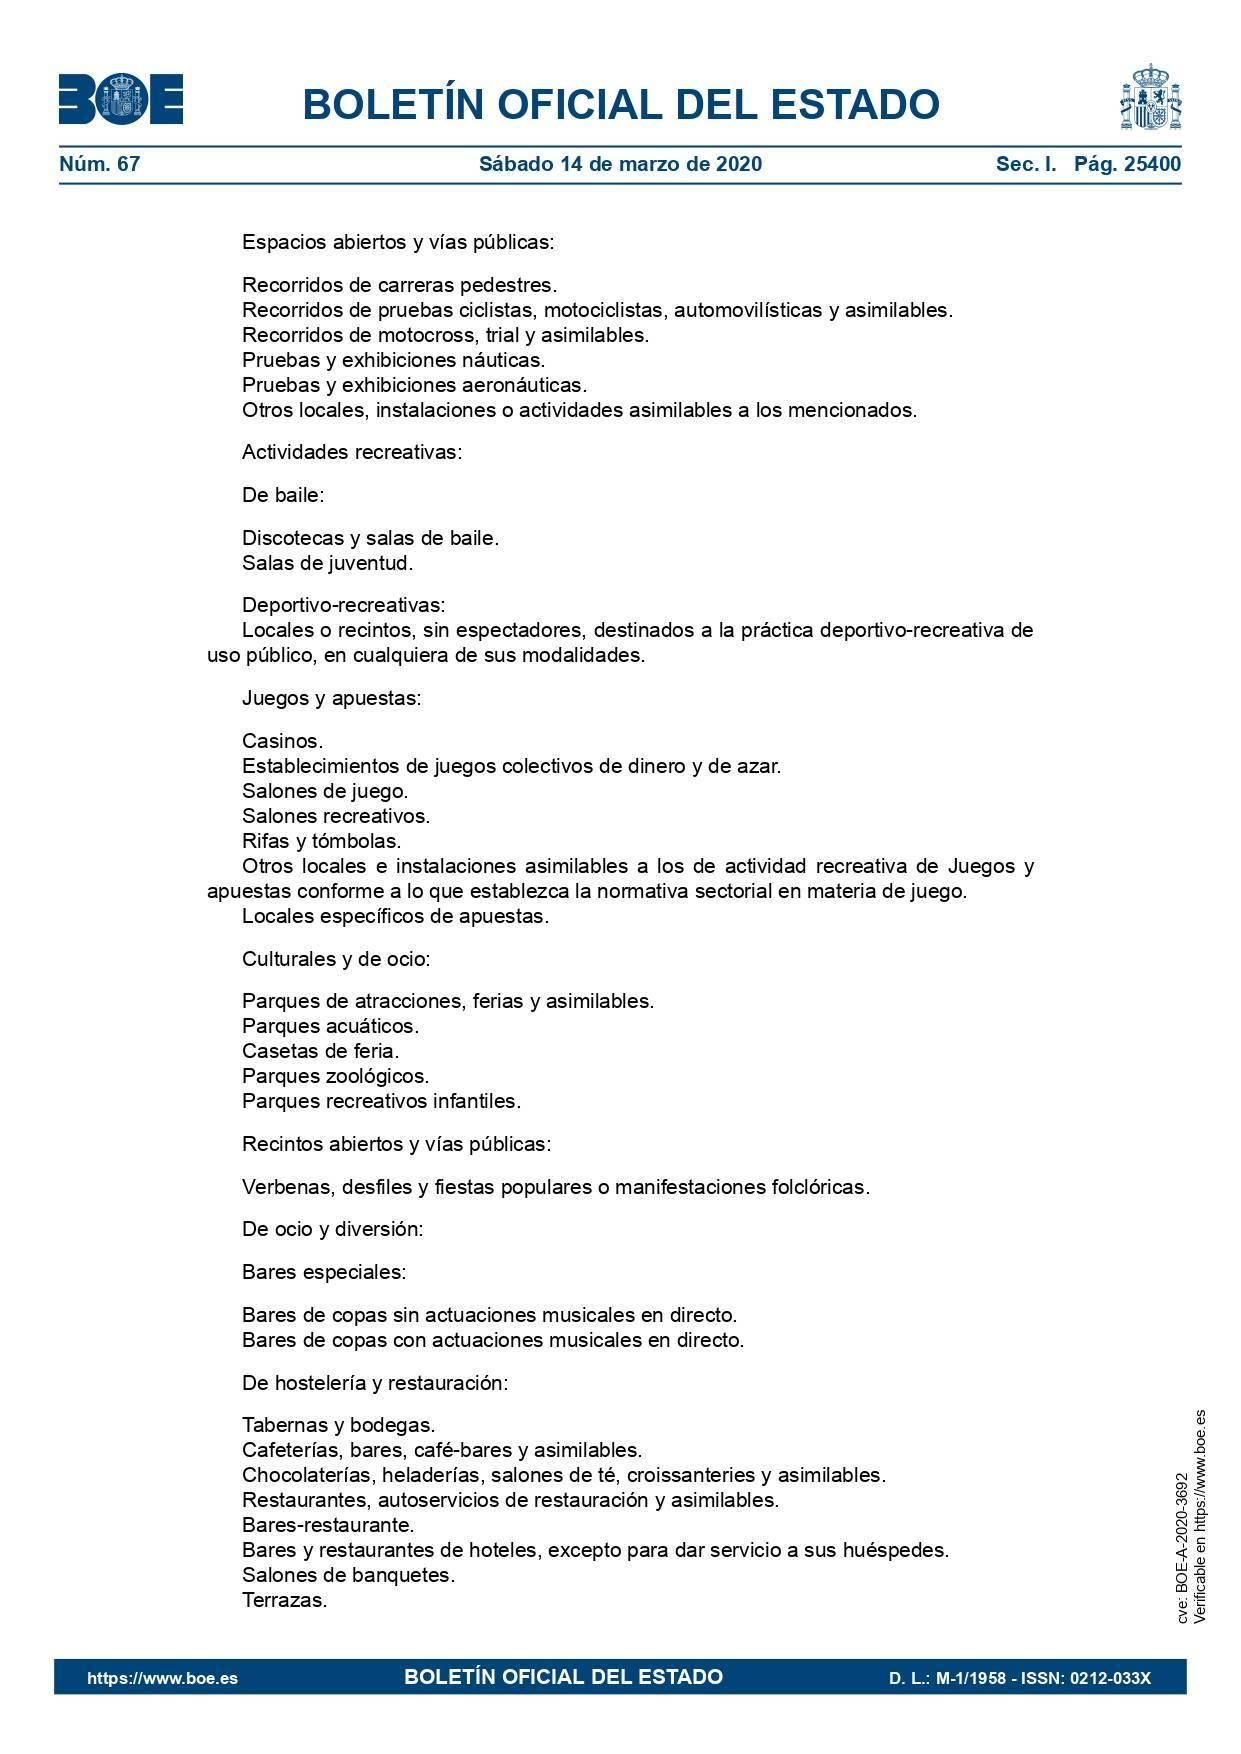 Medidas estado de alarma por el coronavirus 2020 11